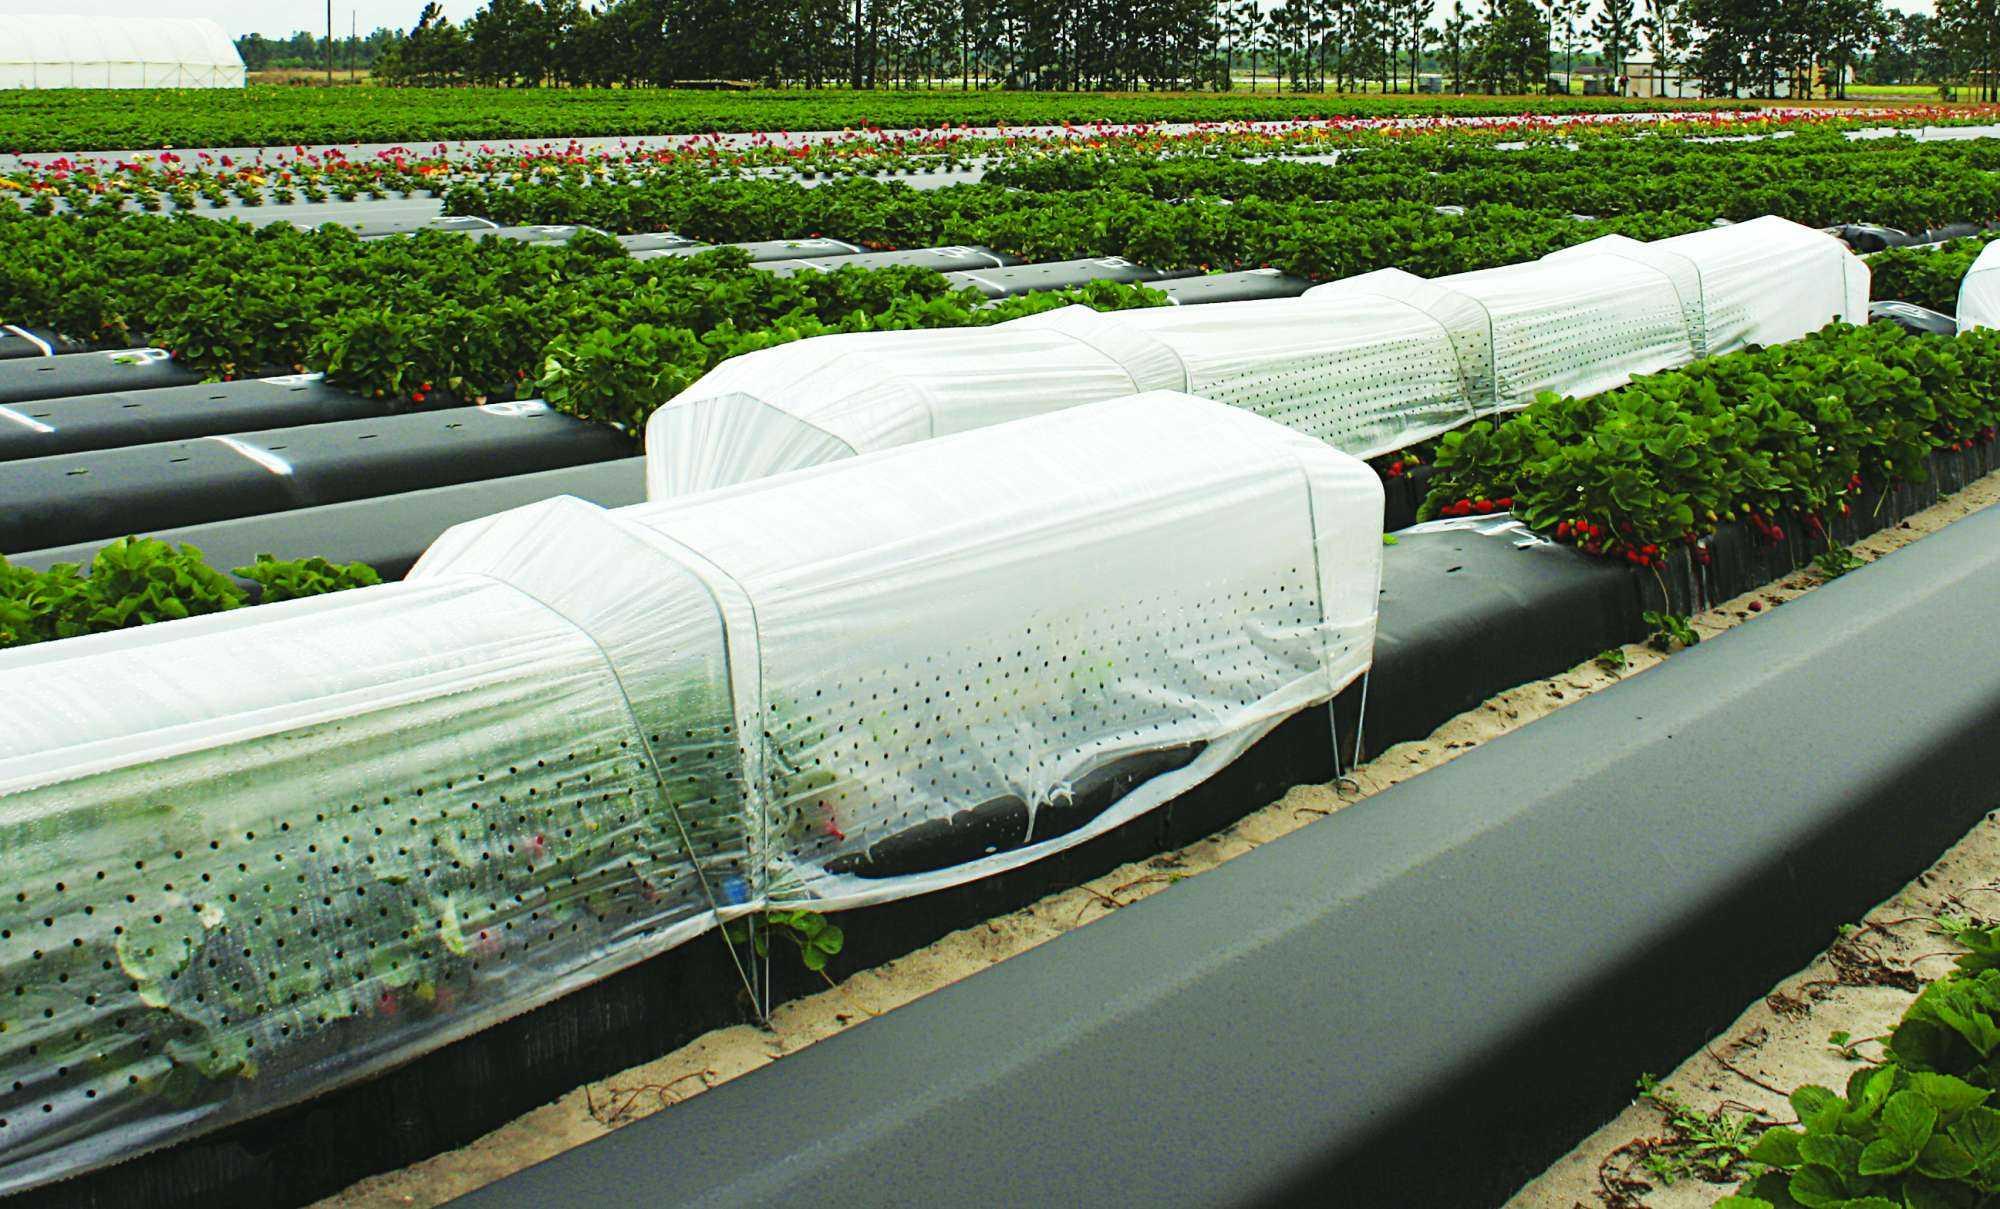 Clasificaci n de estructuras para la agricultura protegida for Estructuras para viveros plantas